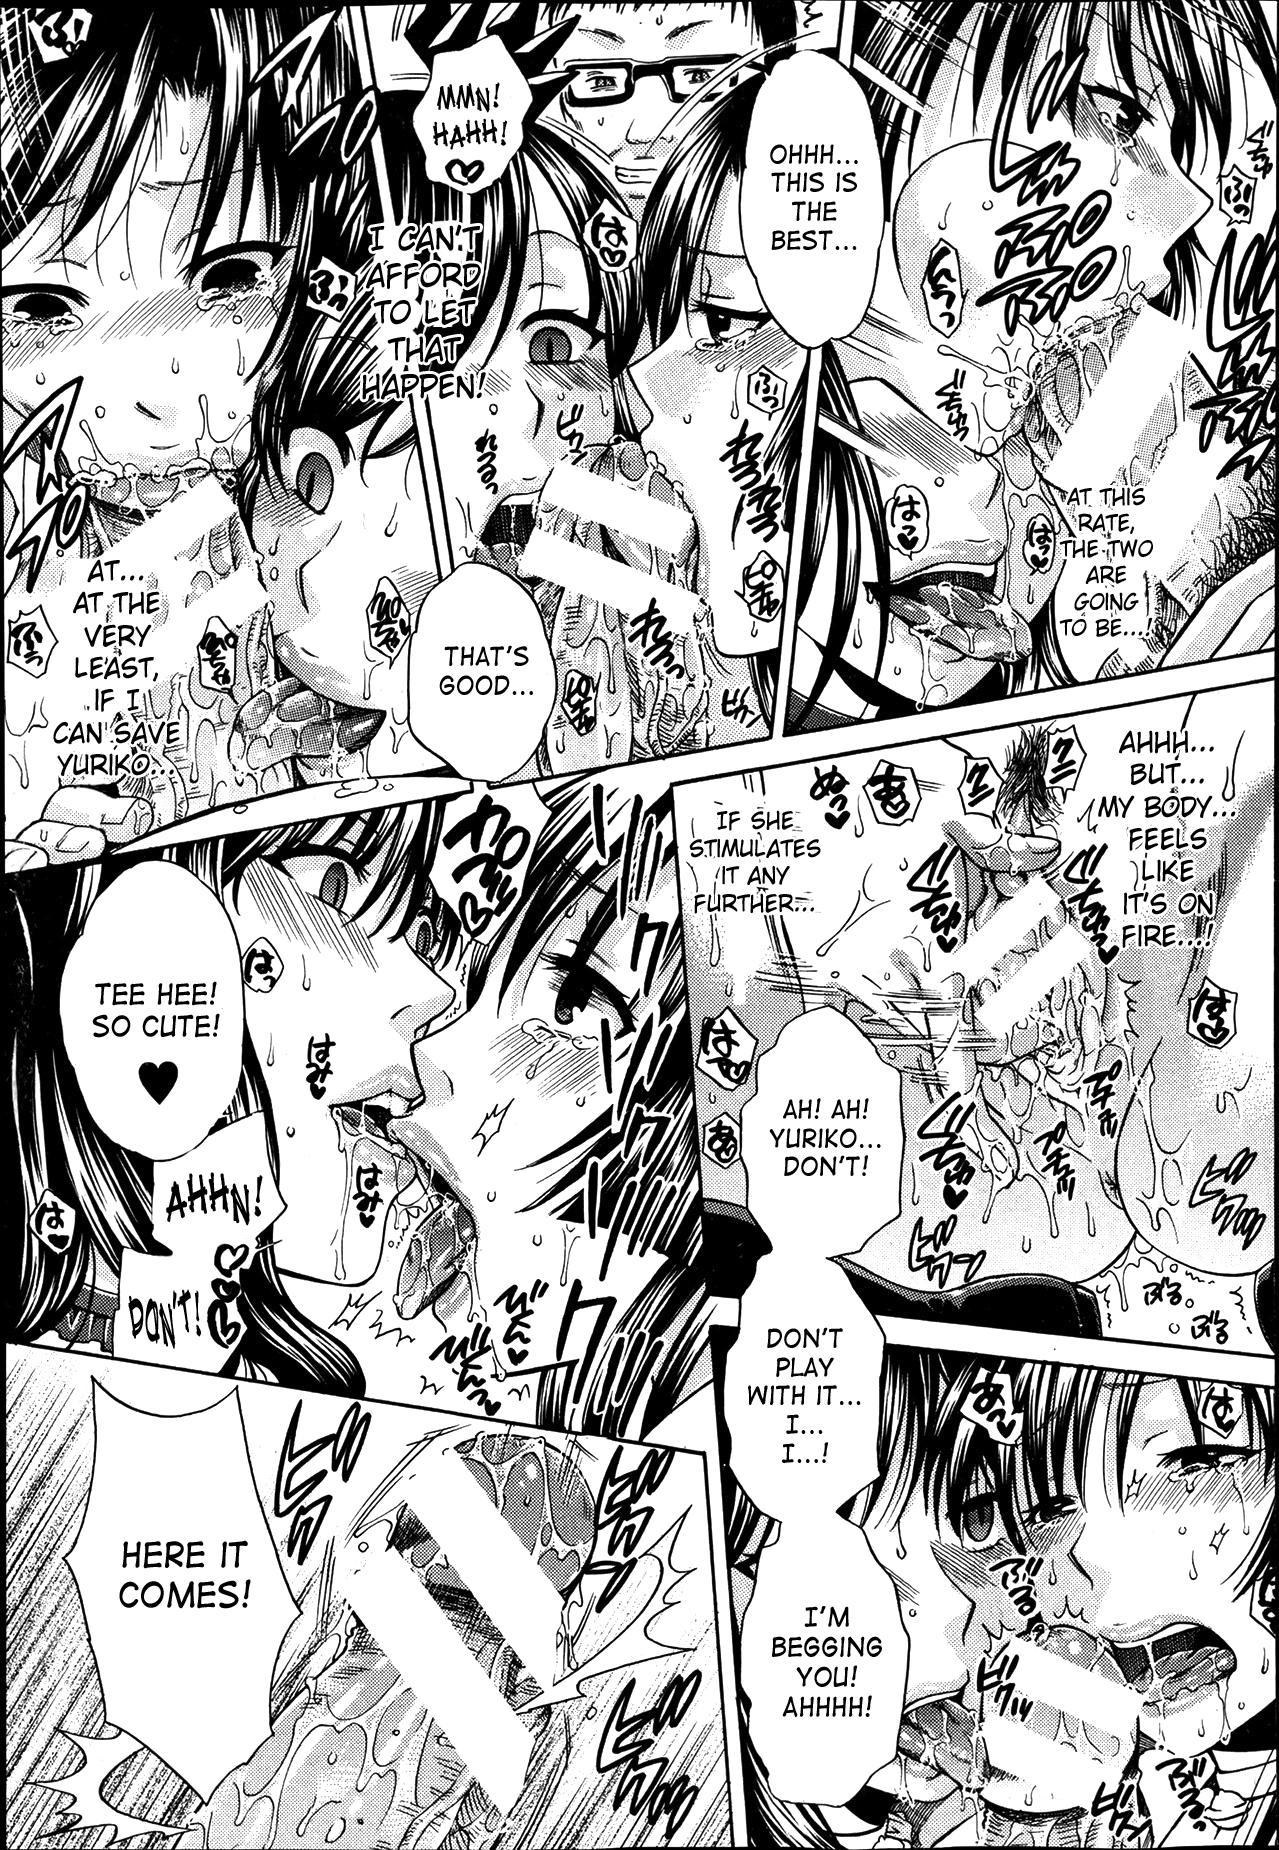 [Harusawa] Yoru ga Akenai - There is no dawn. Ch. 0-4 [English] [SaHa] 56